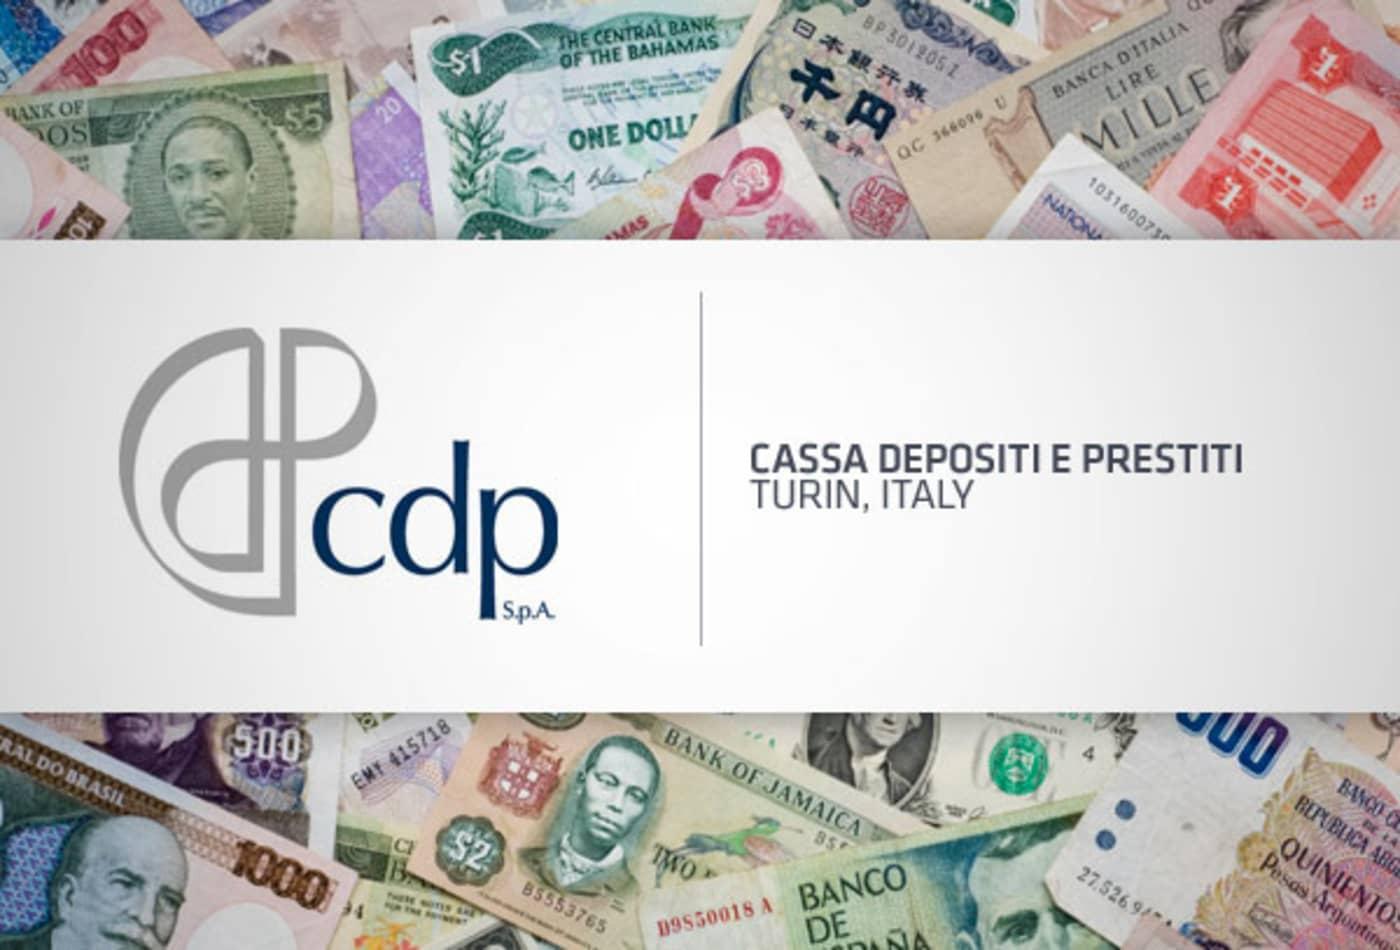 SS_Safest_Banks_11_Italy.jpg